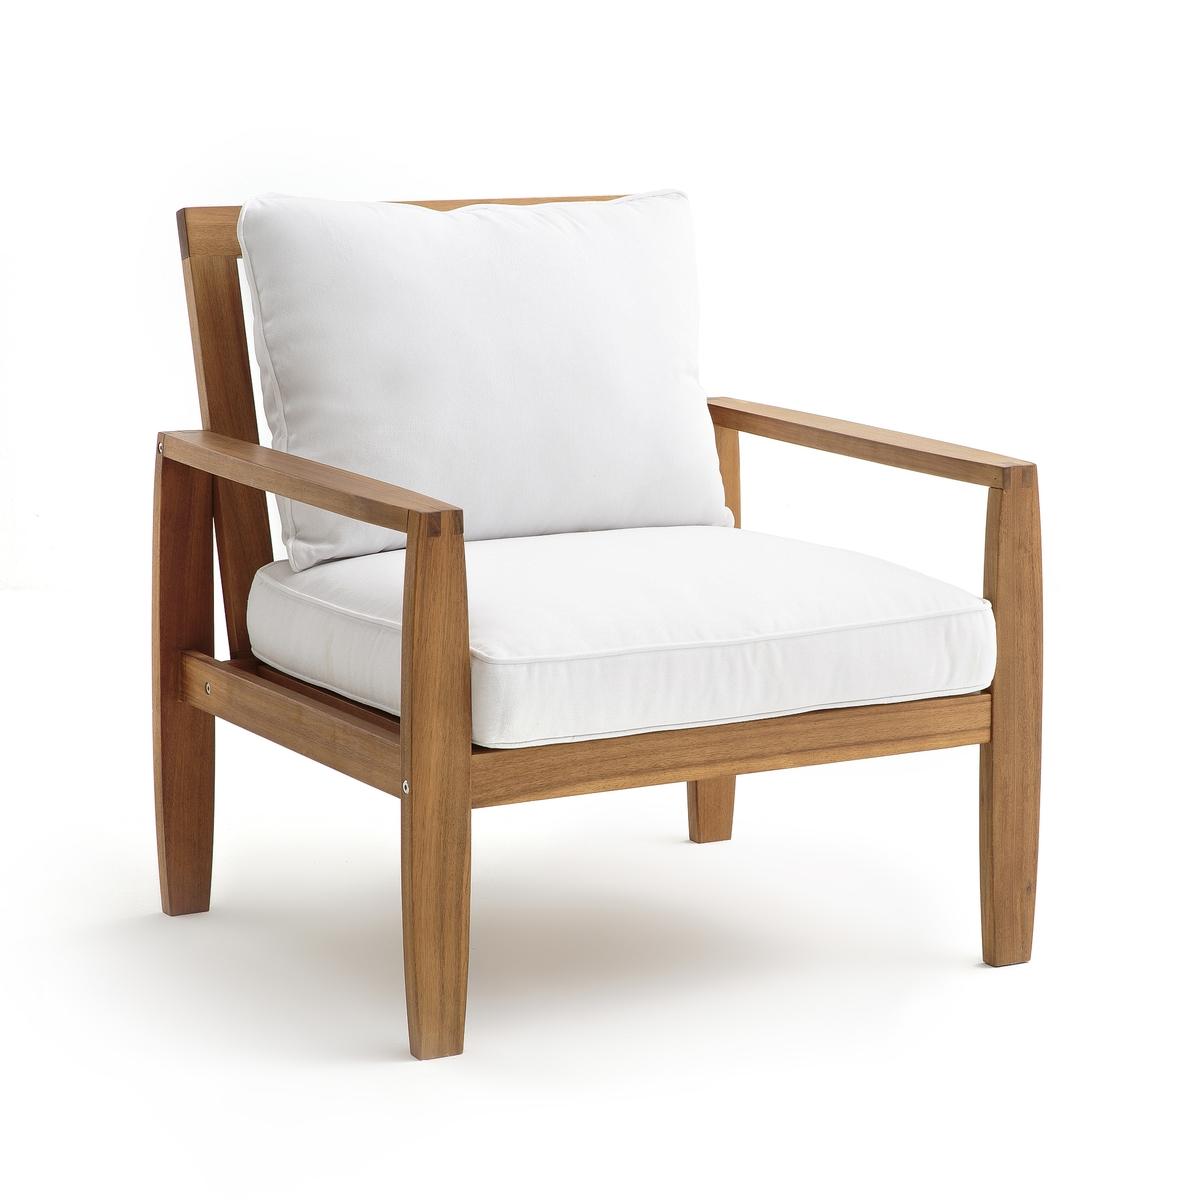 Кресло для сада из акации, ArtimonКресло для сада Artimon. Комфортное кресло для сада или веранды.Характеристики: - Из акации, покрытой маслом- Подушки-валики с чехлами из 100 % хлопка и наполнителем из пеноматериала из полиэстера - Съемные чехлы, сухая чисткаРазмеры: - Ш80 x В83,5 x Г78 см- Сиденье: Ш6 x В42 x Г44 смРазмеры и вес ящика:- Ш74,5 x В30 x Г63 см, 17,3 кгДоставка:.<br><br>Цвет: дерево/белый